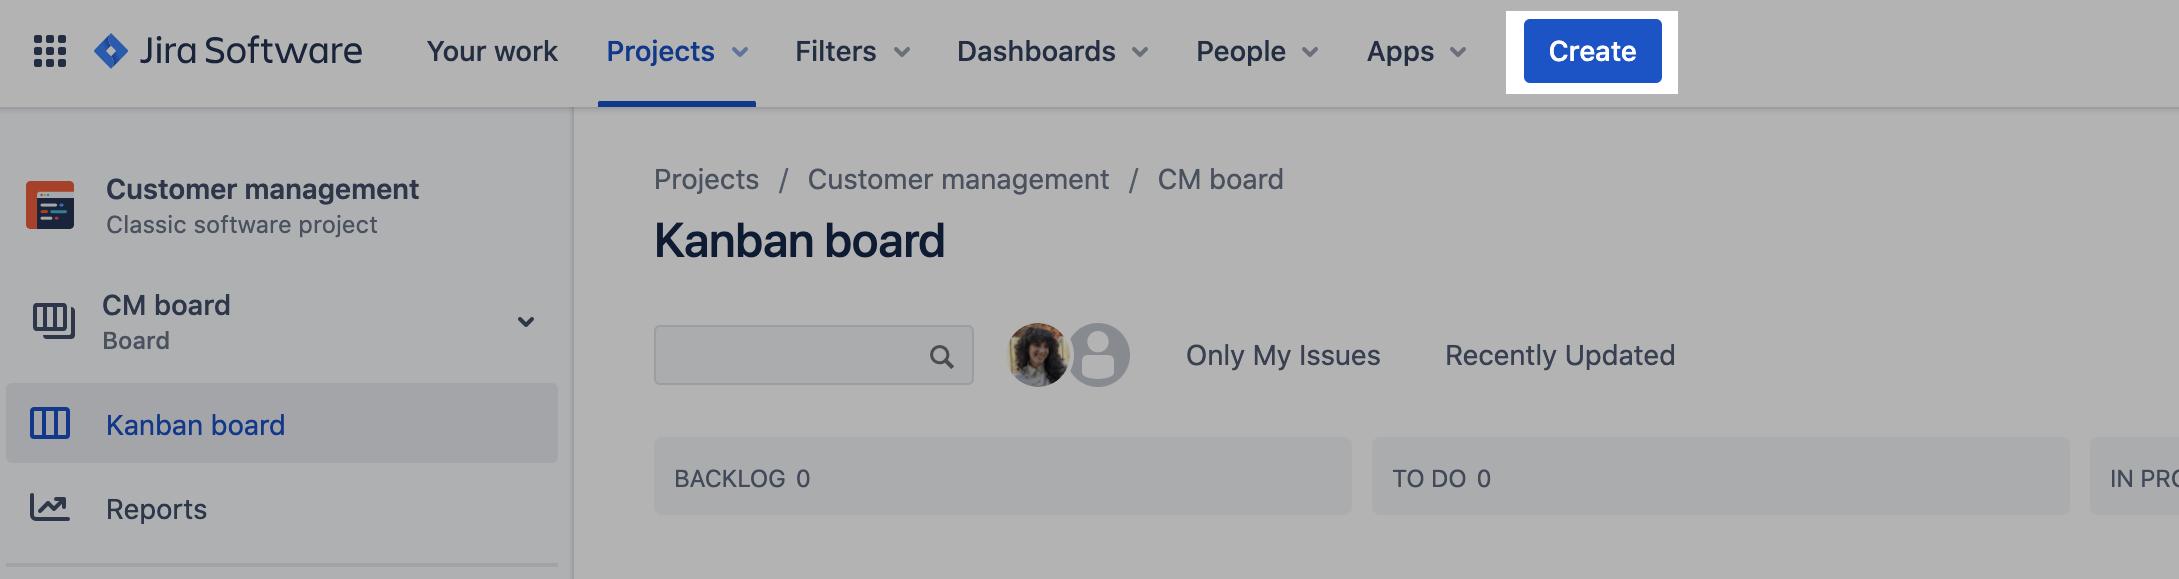 突出显示创建新工作单按钮的看板屏幕截图